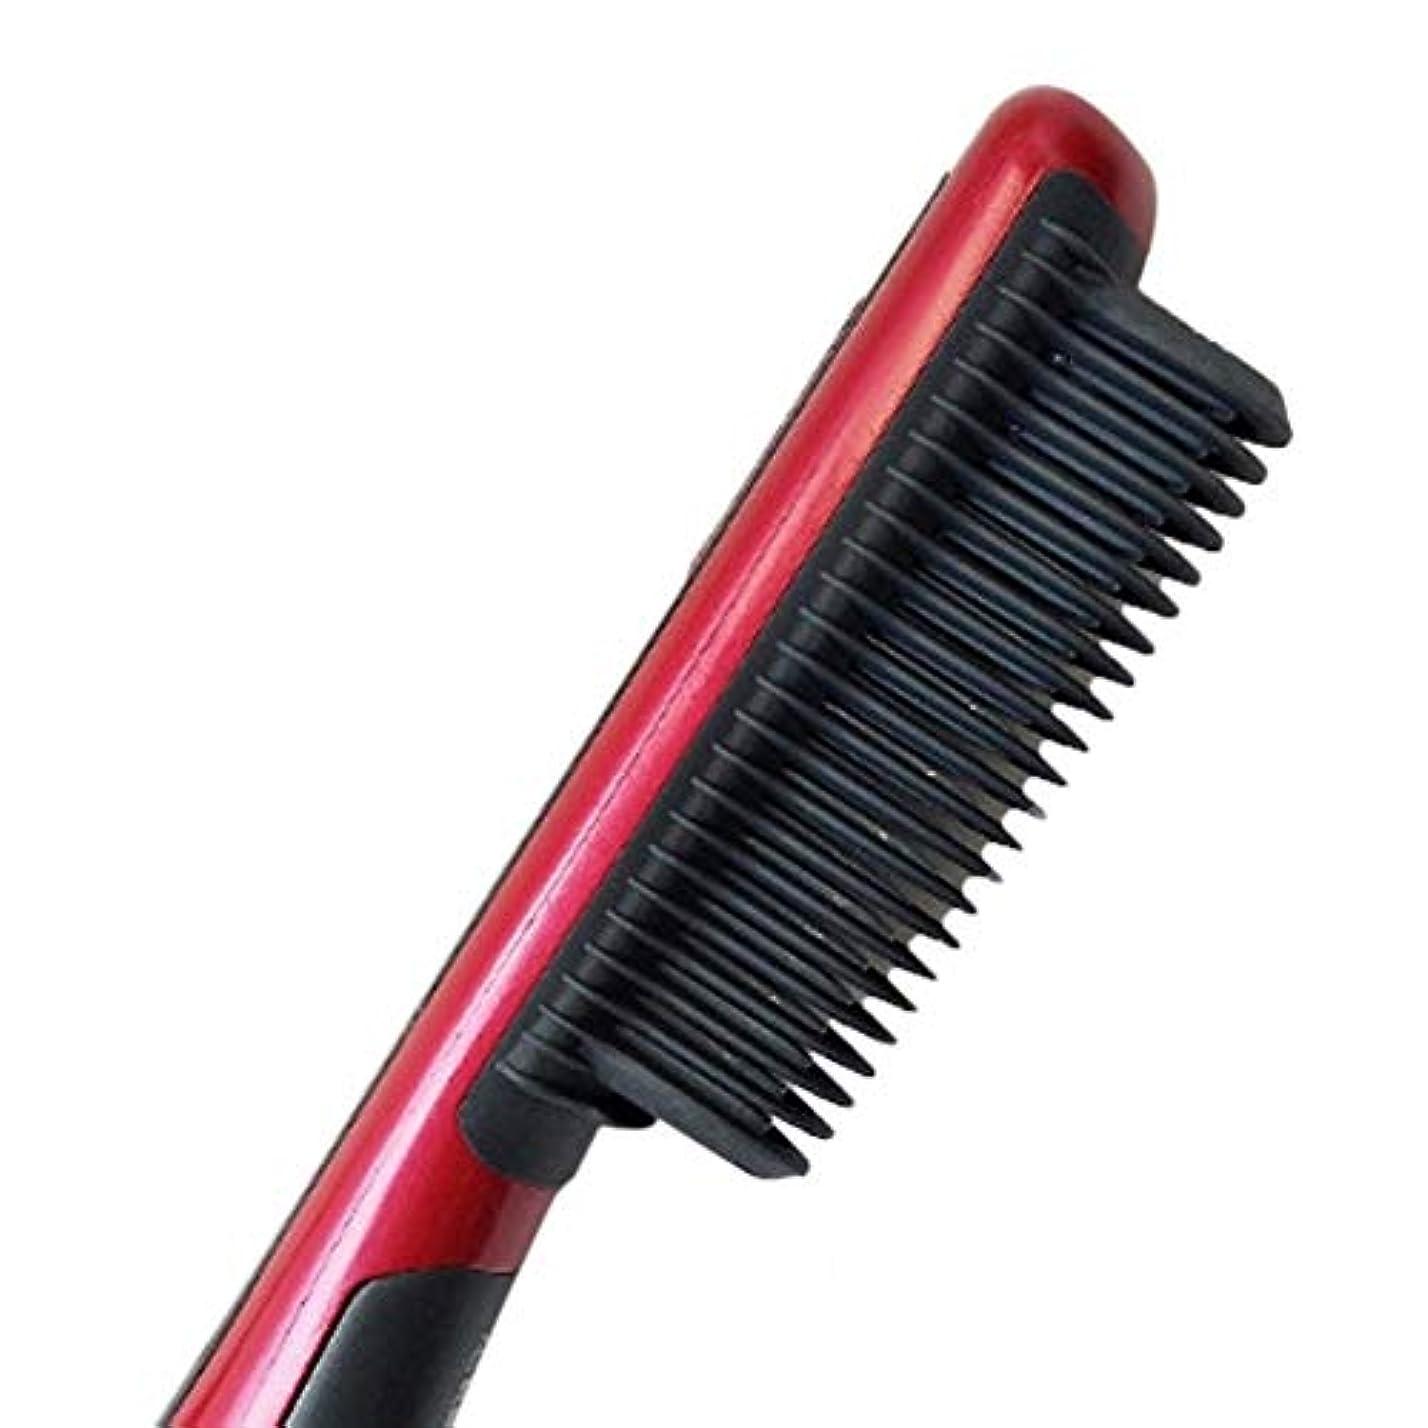 ルビークラウンところでひげ矯正ストレートヘアストレートブラシミニウェットバティフ櫛櫛メンズひげストレートヘアアイロン huang (Color : US)